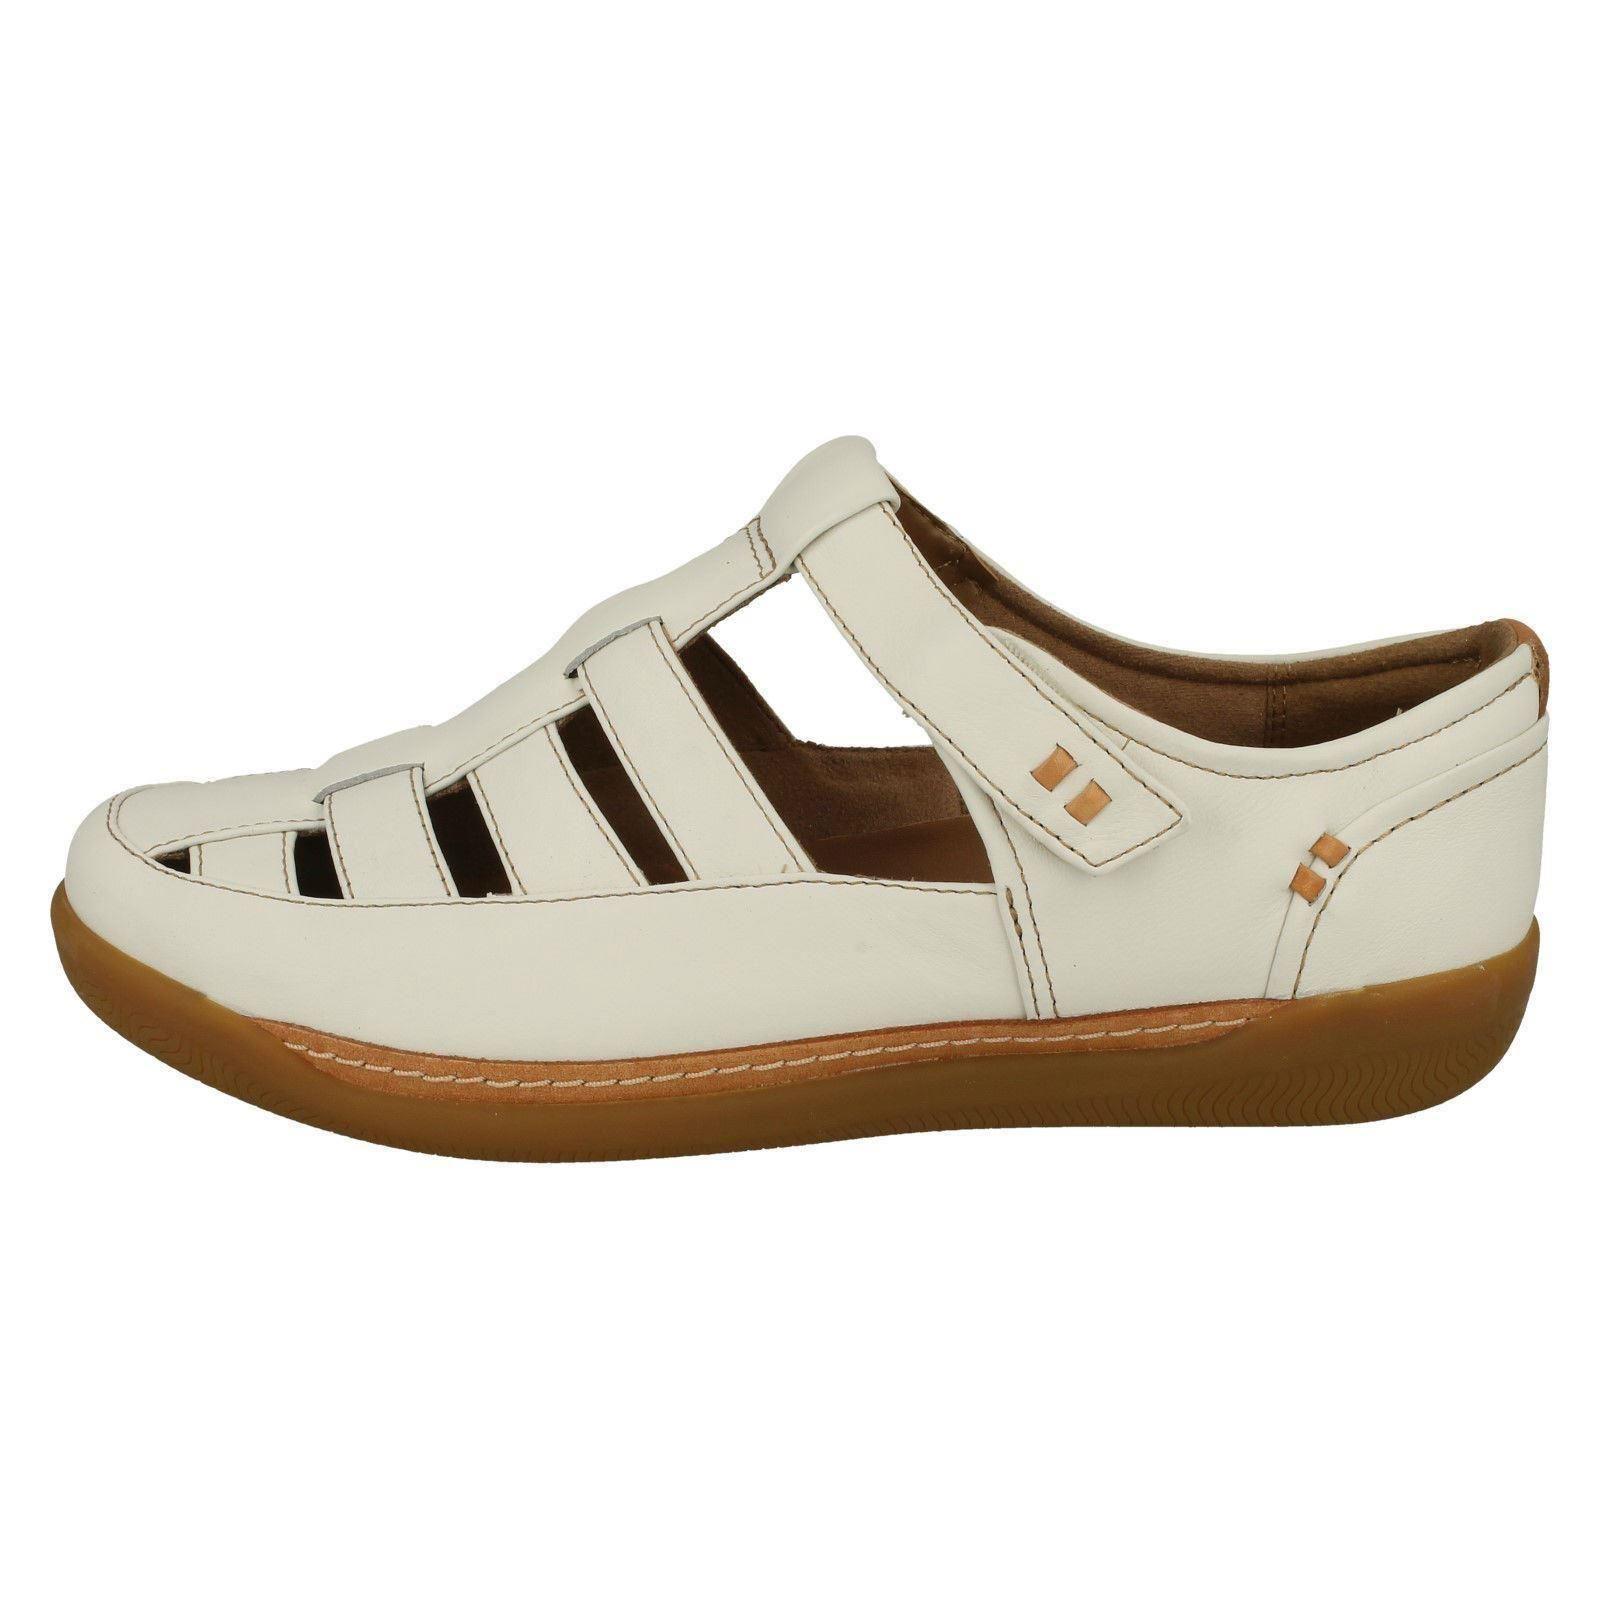 Ladies Clarks Unstructured Casual Shoes Un Haven Cove